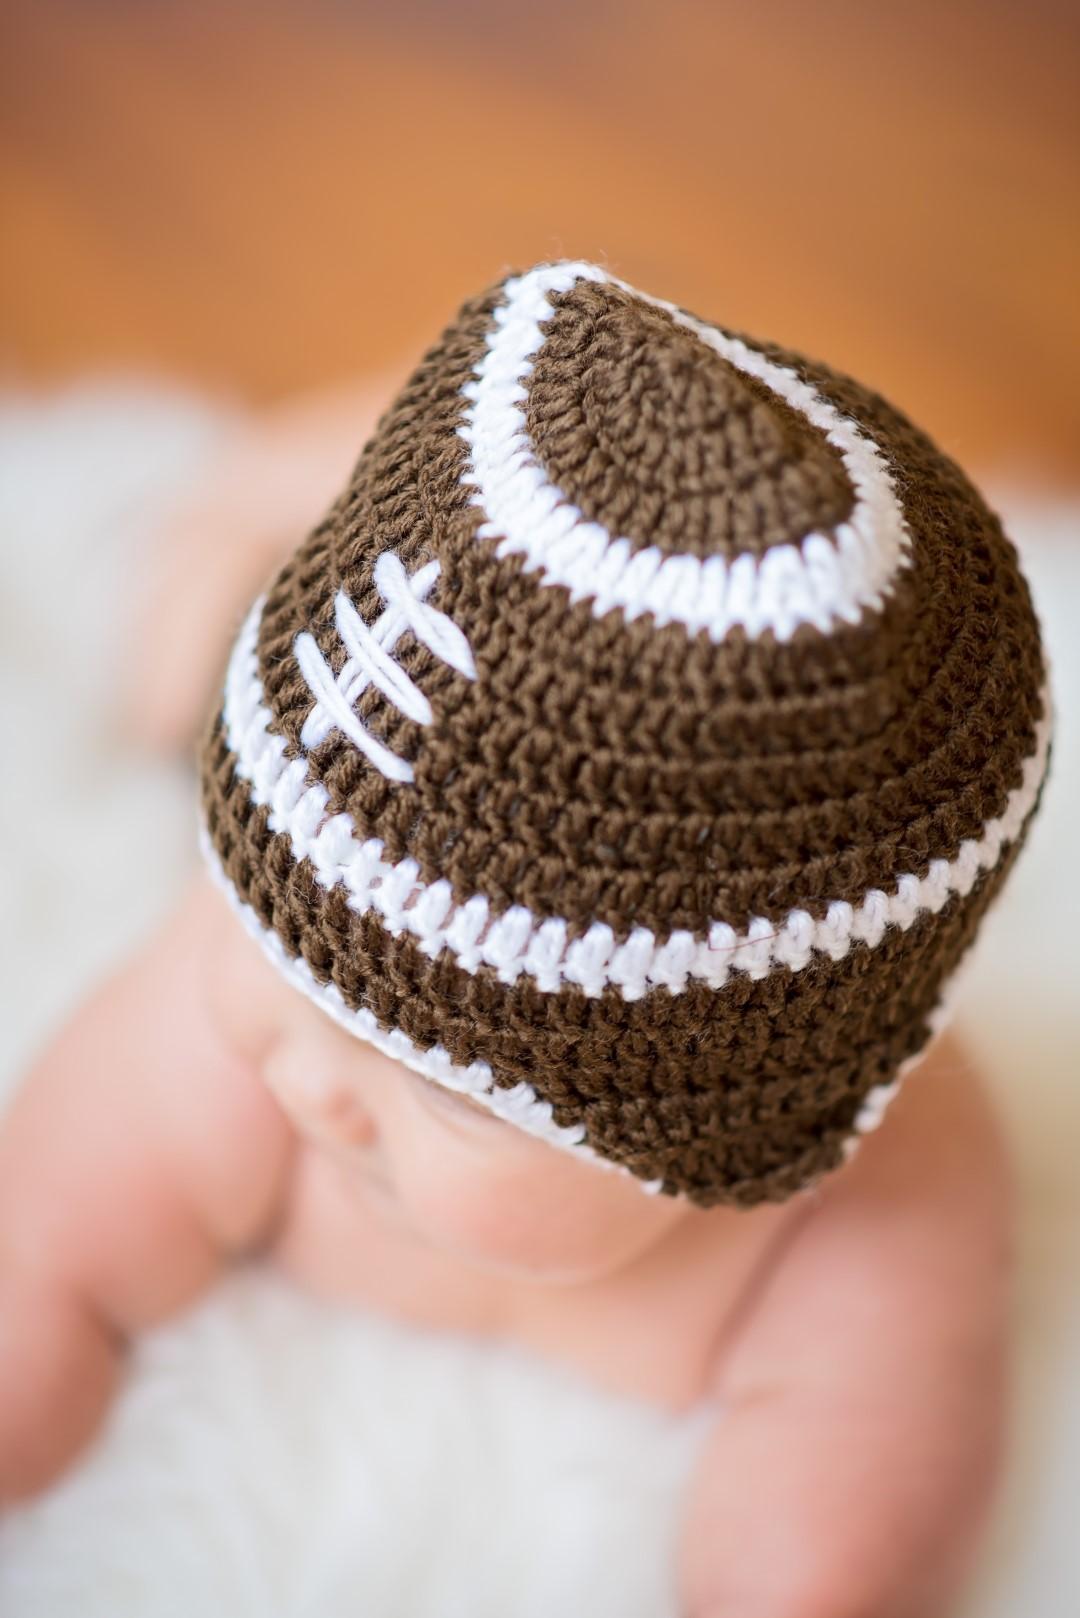 baby camden football 7.jpg